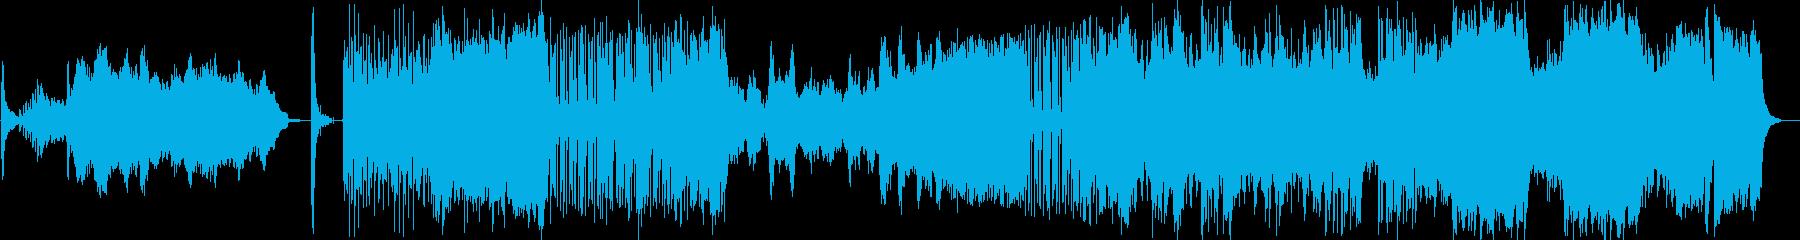 ドビュッシーのピアノ曲「valse r…の再生済みの波形